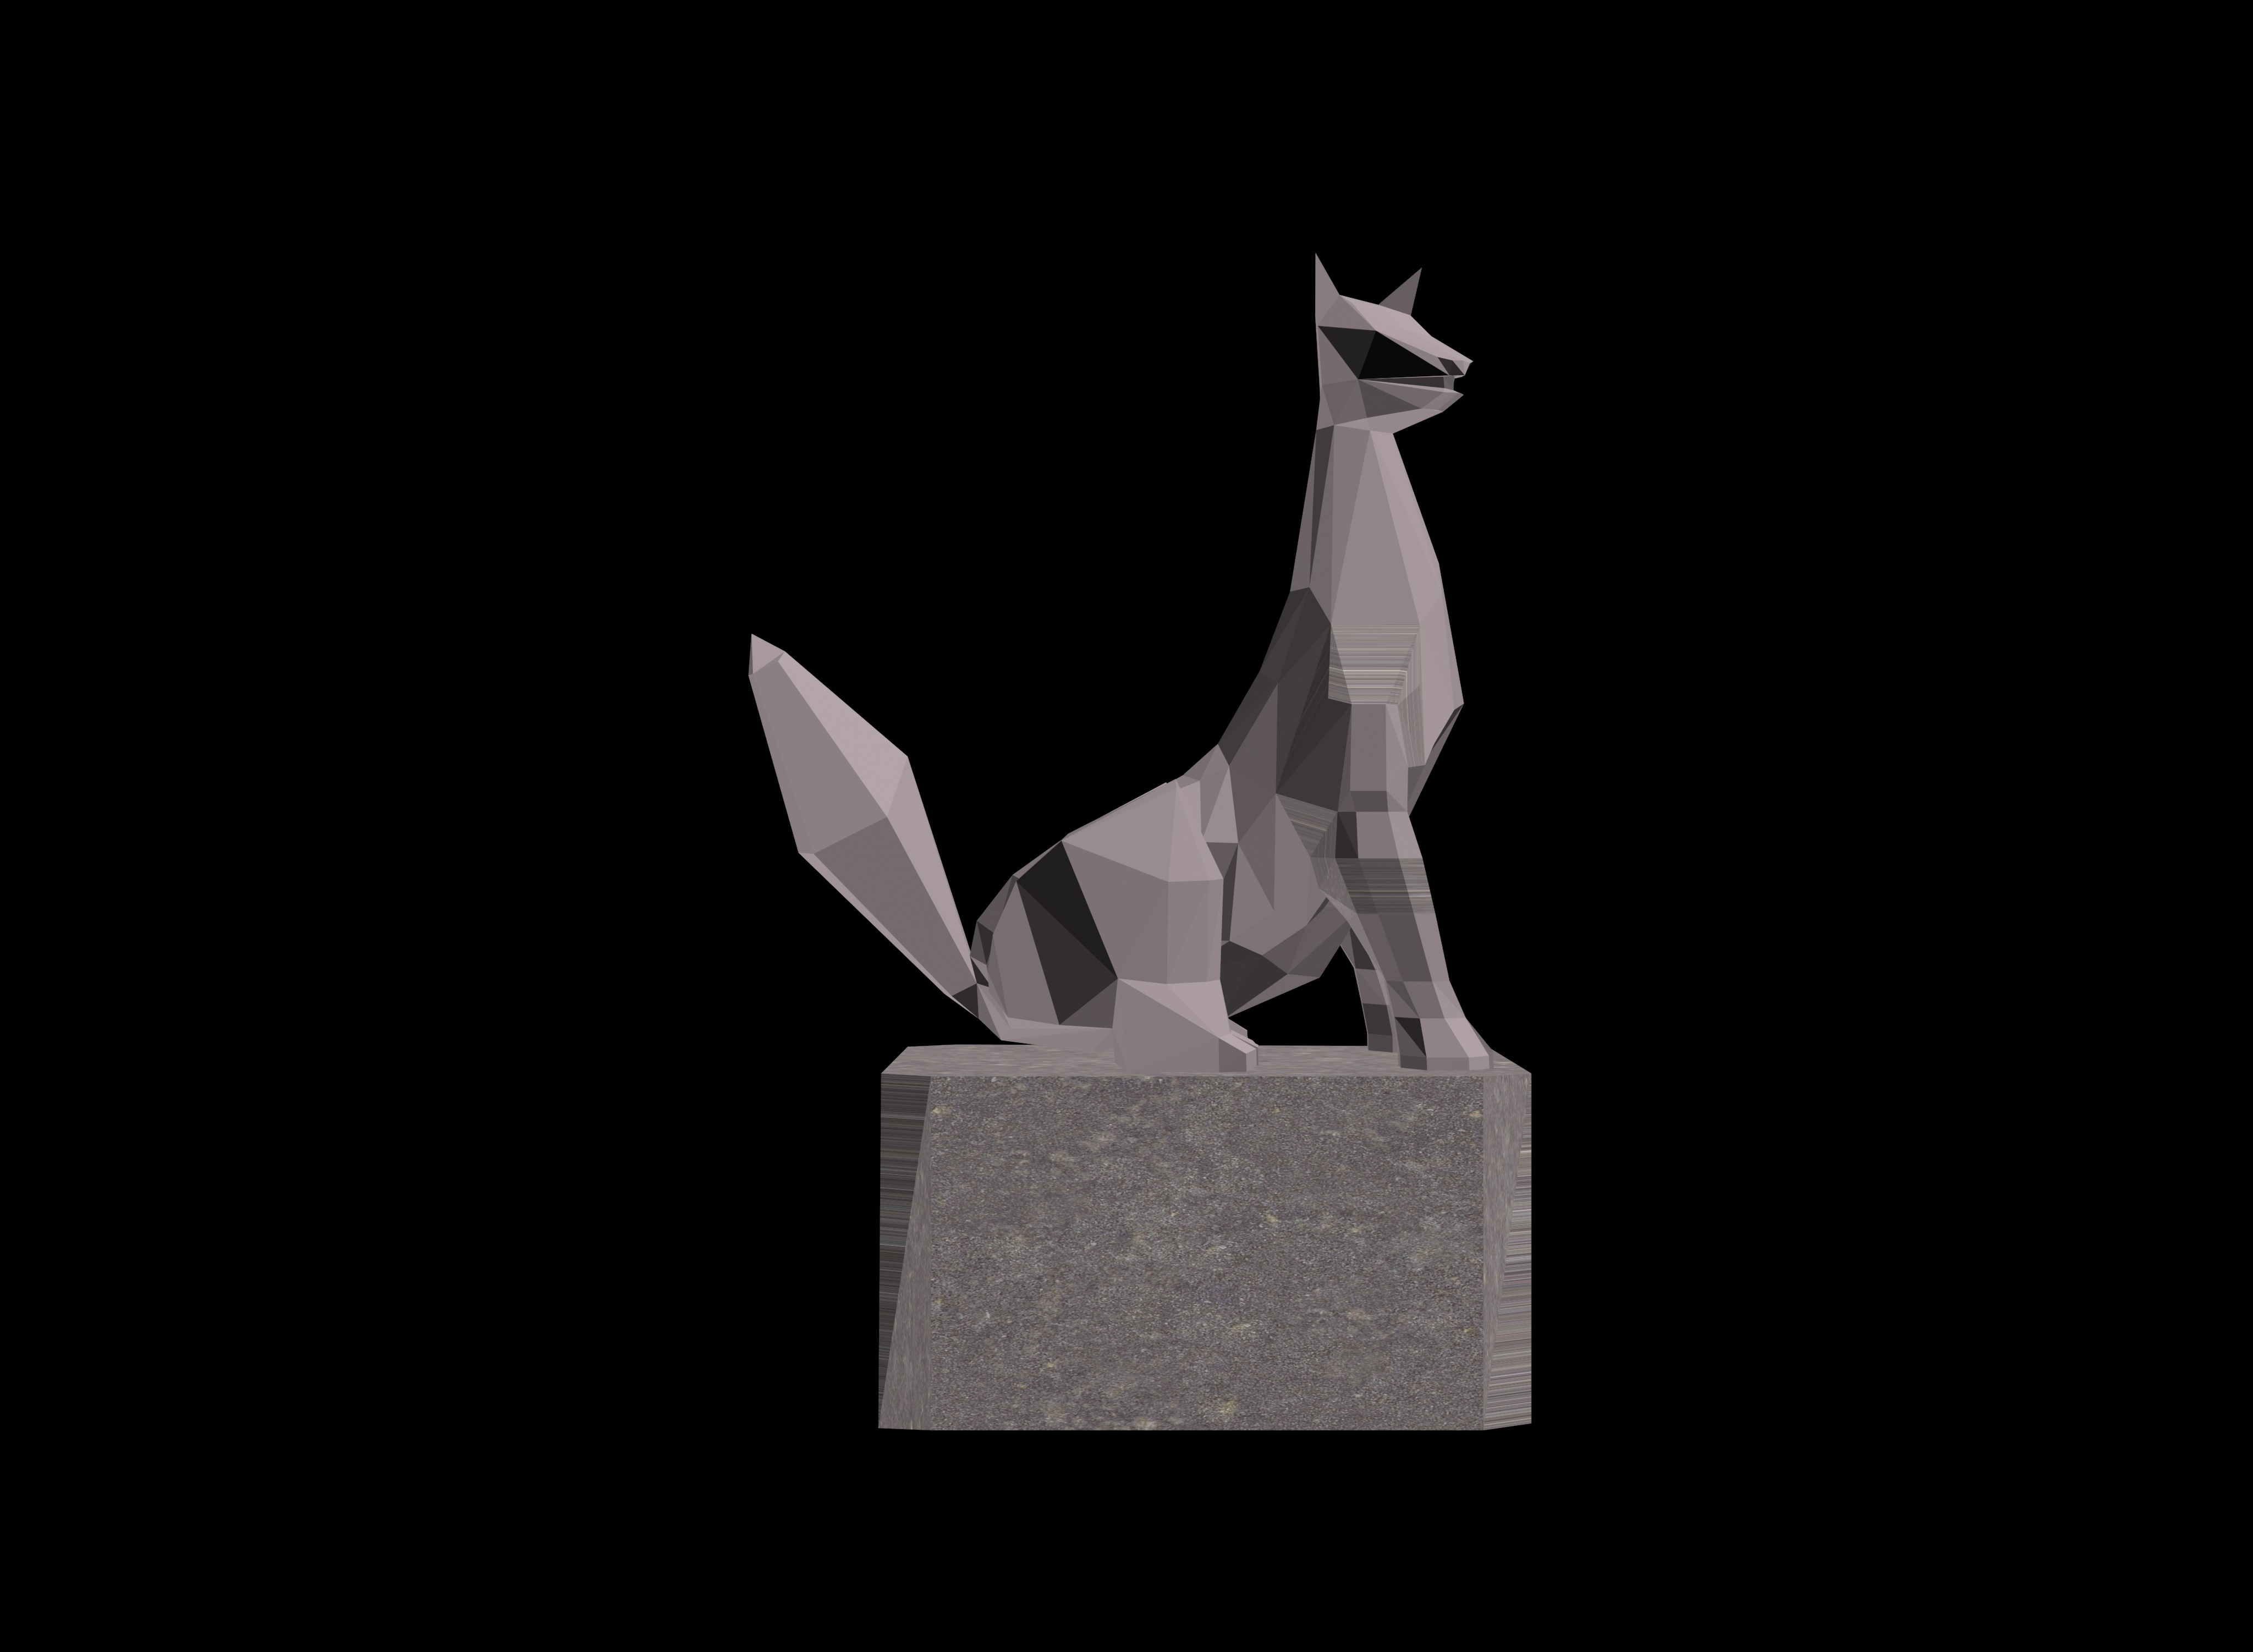 Lowpoly fox statue